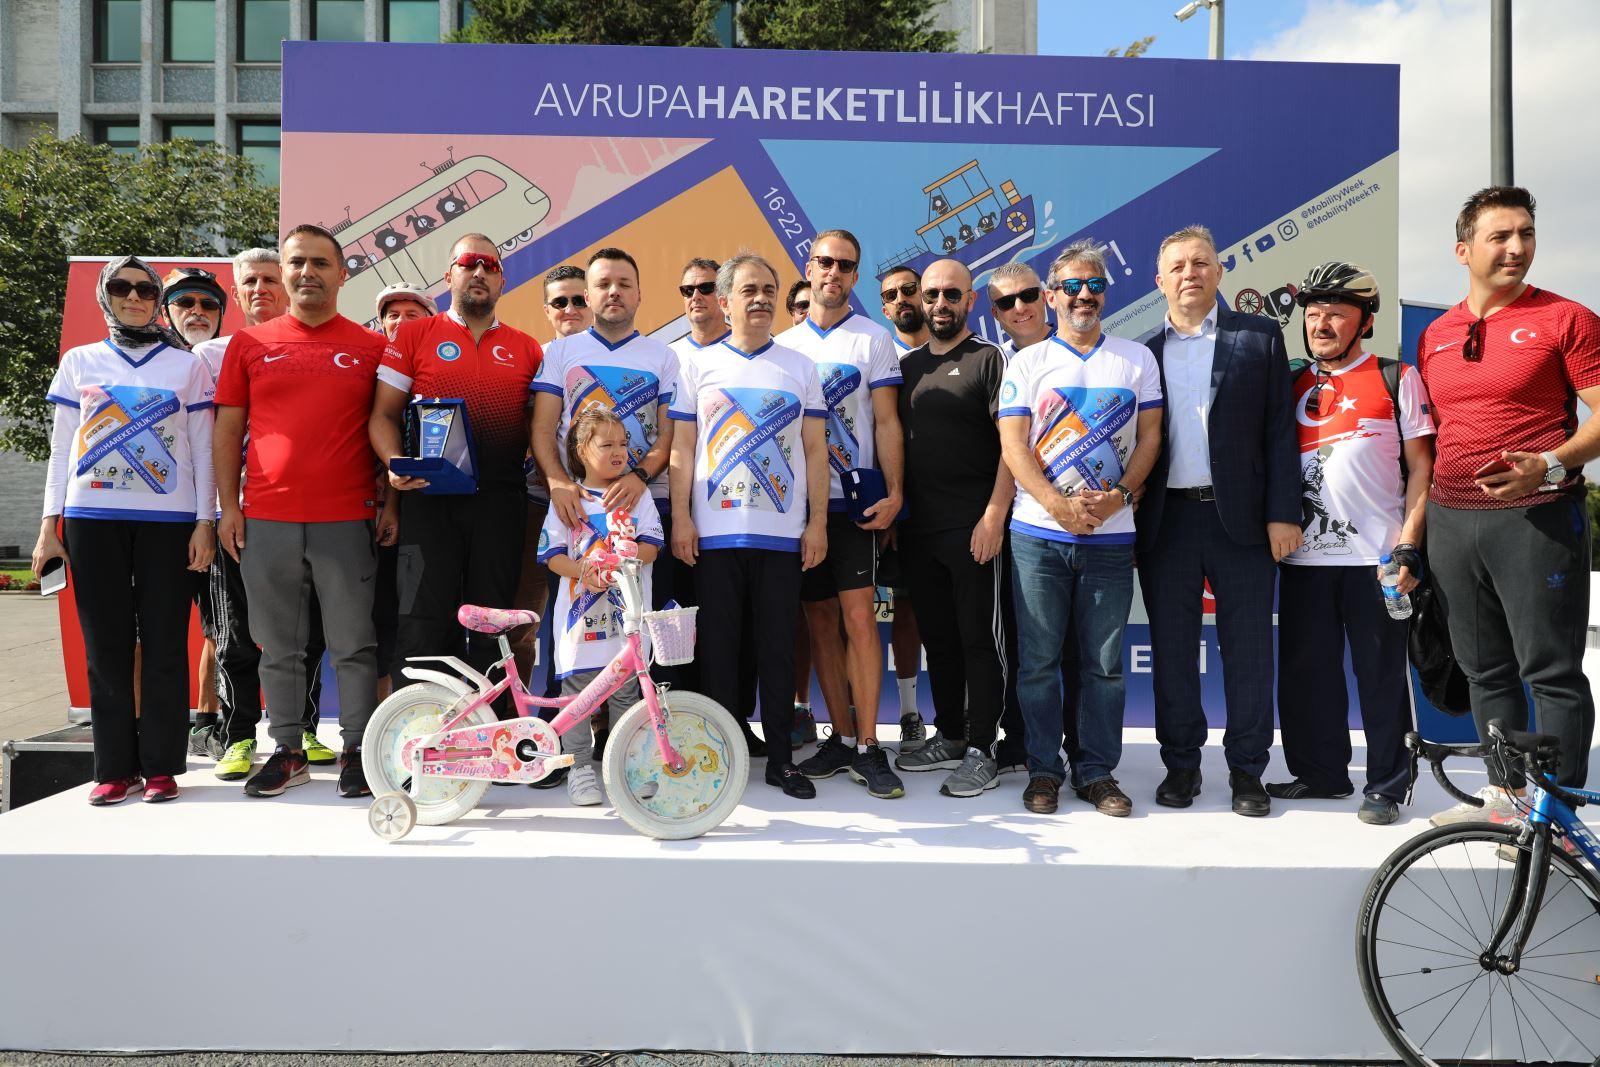 """AVRUPA HAREKETLİLİK HAFTASI KAPSAMINDA """"BİSİKLET TURU"""" DÜZENLENDİ"""